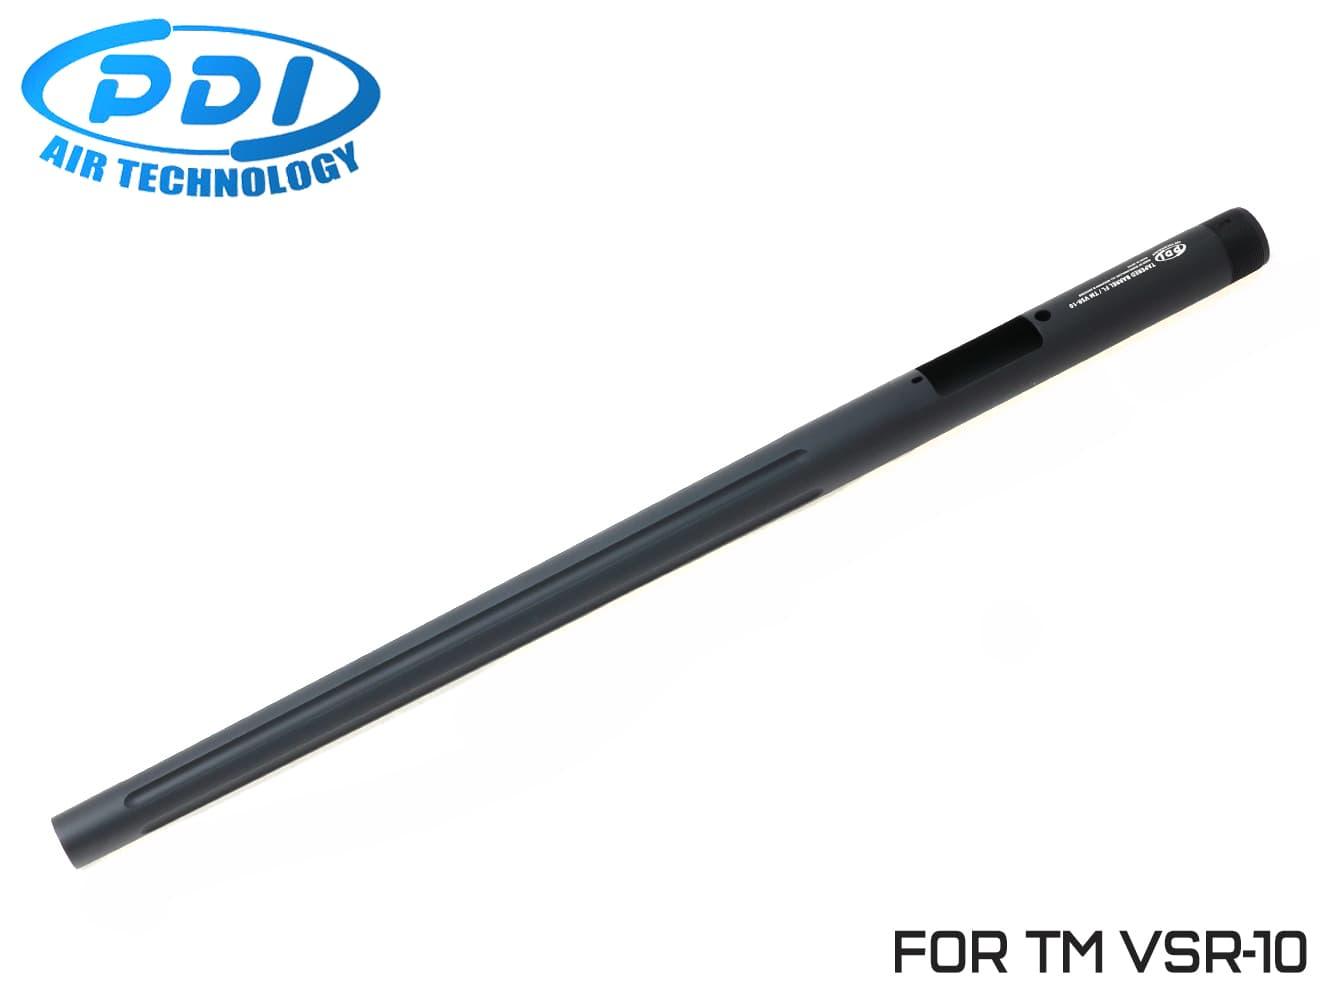 PDI テーパードバレル フルート 東京マルイ VSR-10用 570mm◆フロントヘビー/ワンピースバレル/純正対応/テーパー加工